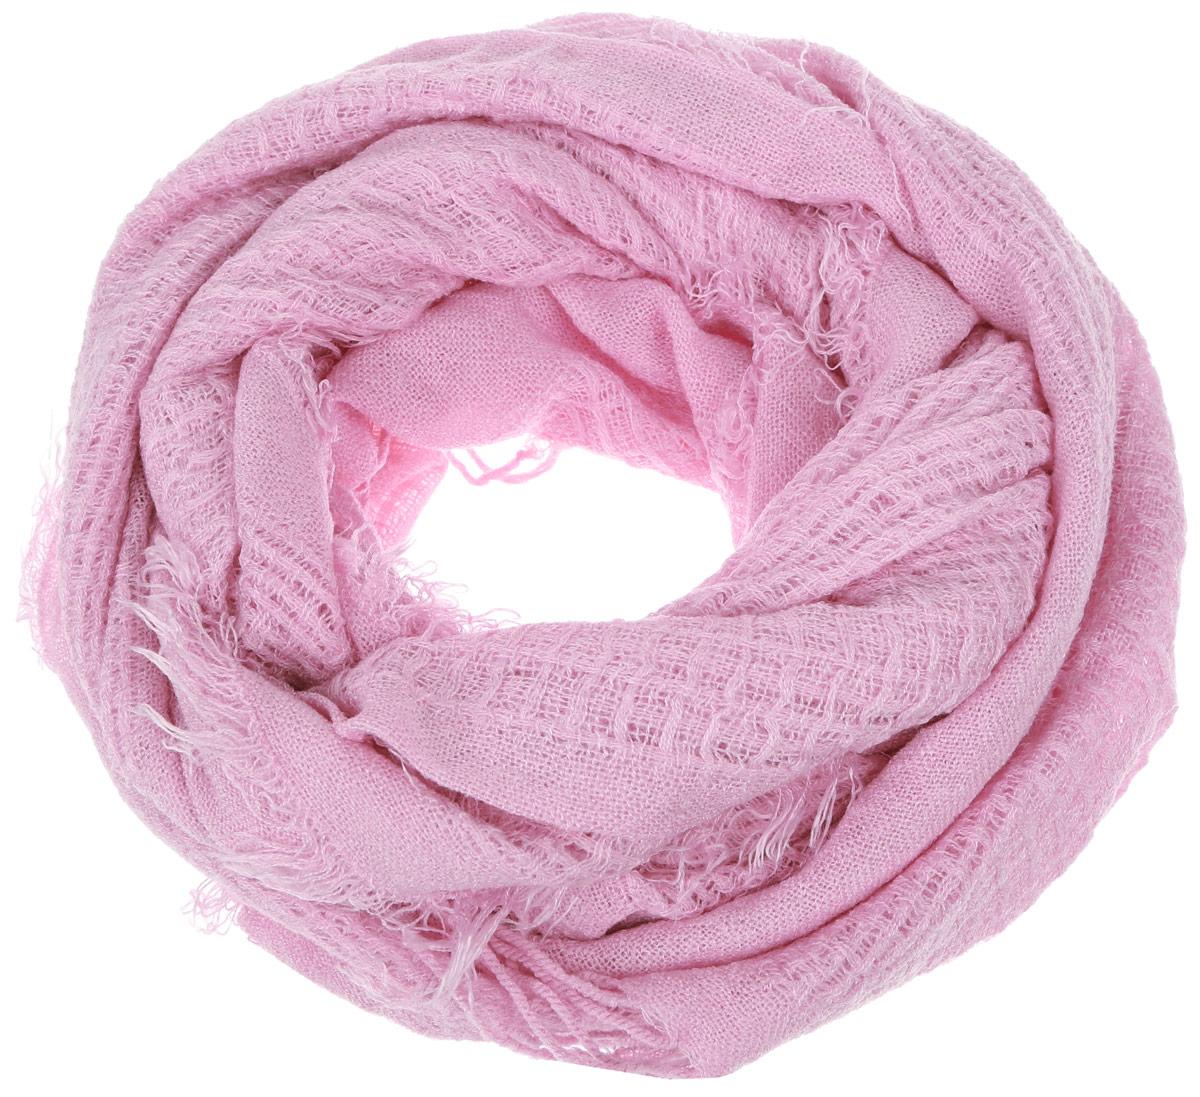 ШарфSCw-142/460-6302Стильный шарф Sela идеально подойдет для прогулок в холодное время года. Он обладает хорошими дышащими свойствами и хорошо удерживает тепло. Шарф по краям декорирован кистями. Такой шарф станет модным и стильным предметом вашего гардероба. Он улучшит настроение даже в хмурые холодные дни.